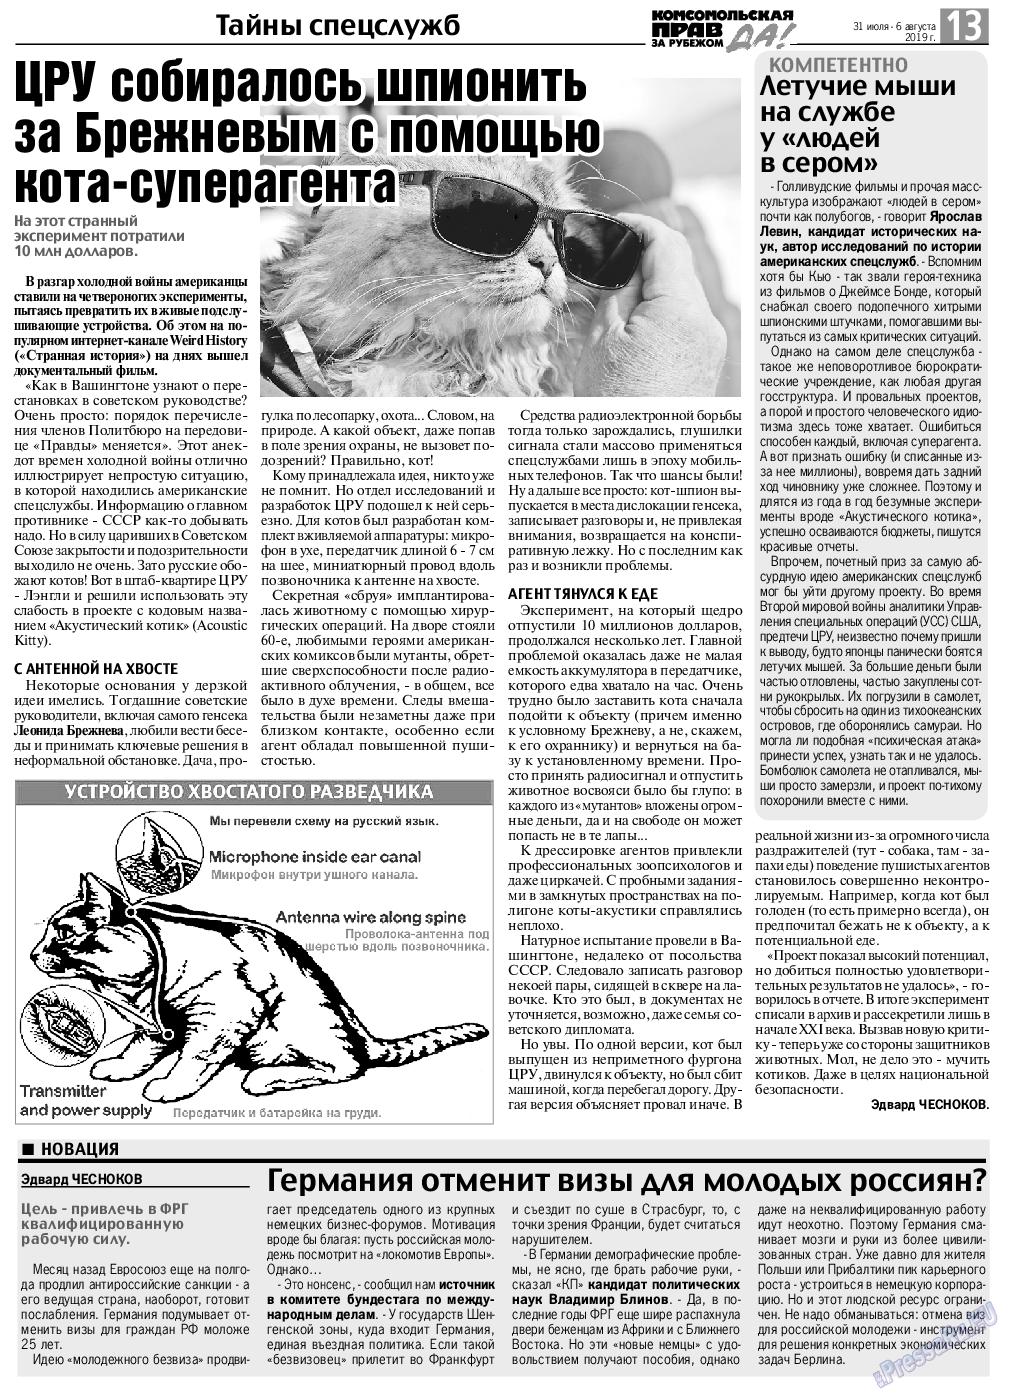 КП в Европе (газета). 2019 год, номер 31, стр. 13